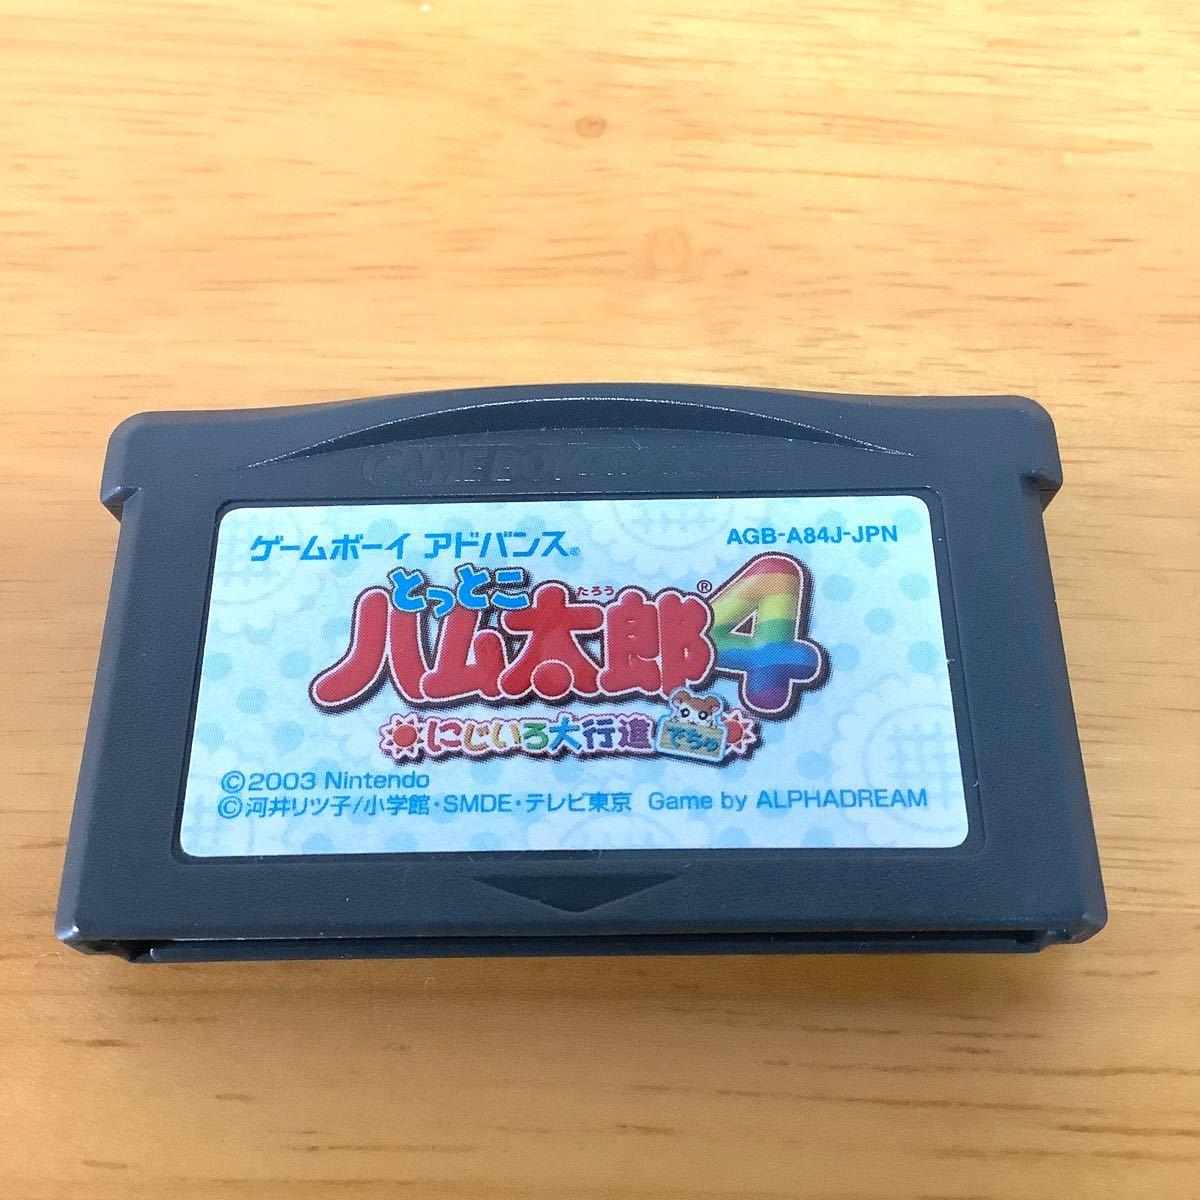 【GBA】とっとこハム太郎4 にじいろ大行進でちゅ ゲームボーイアドバンスソフト